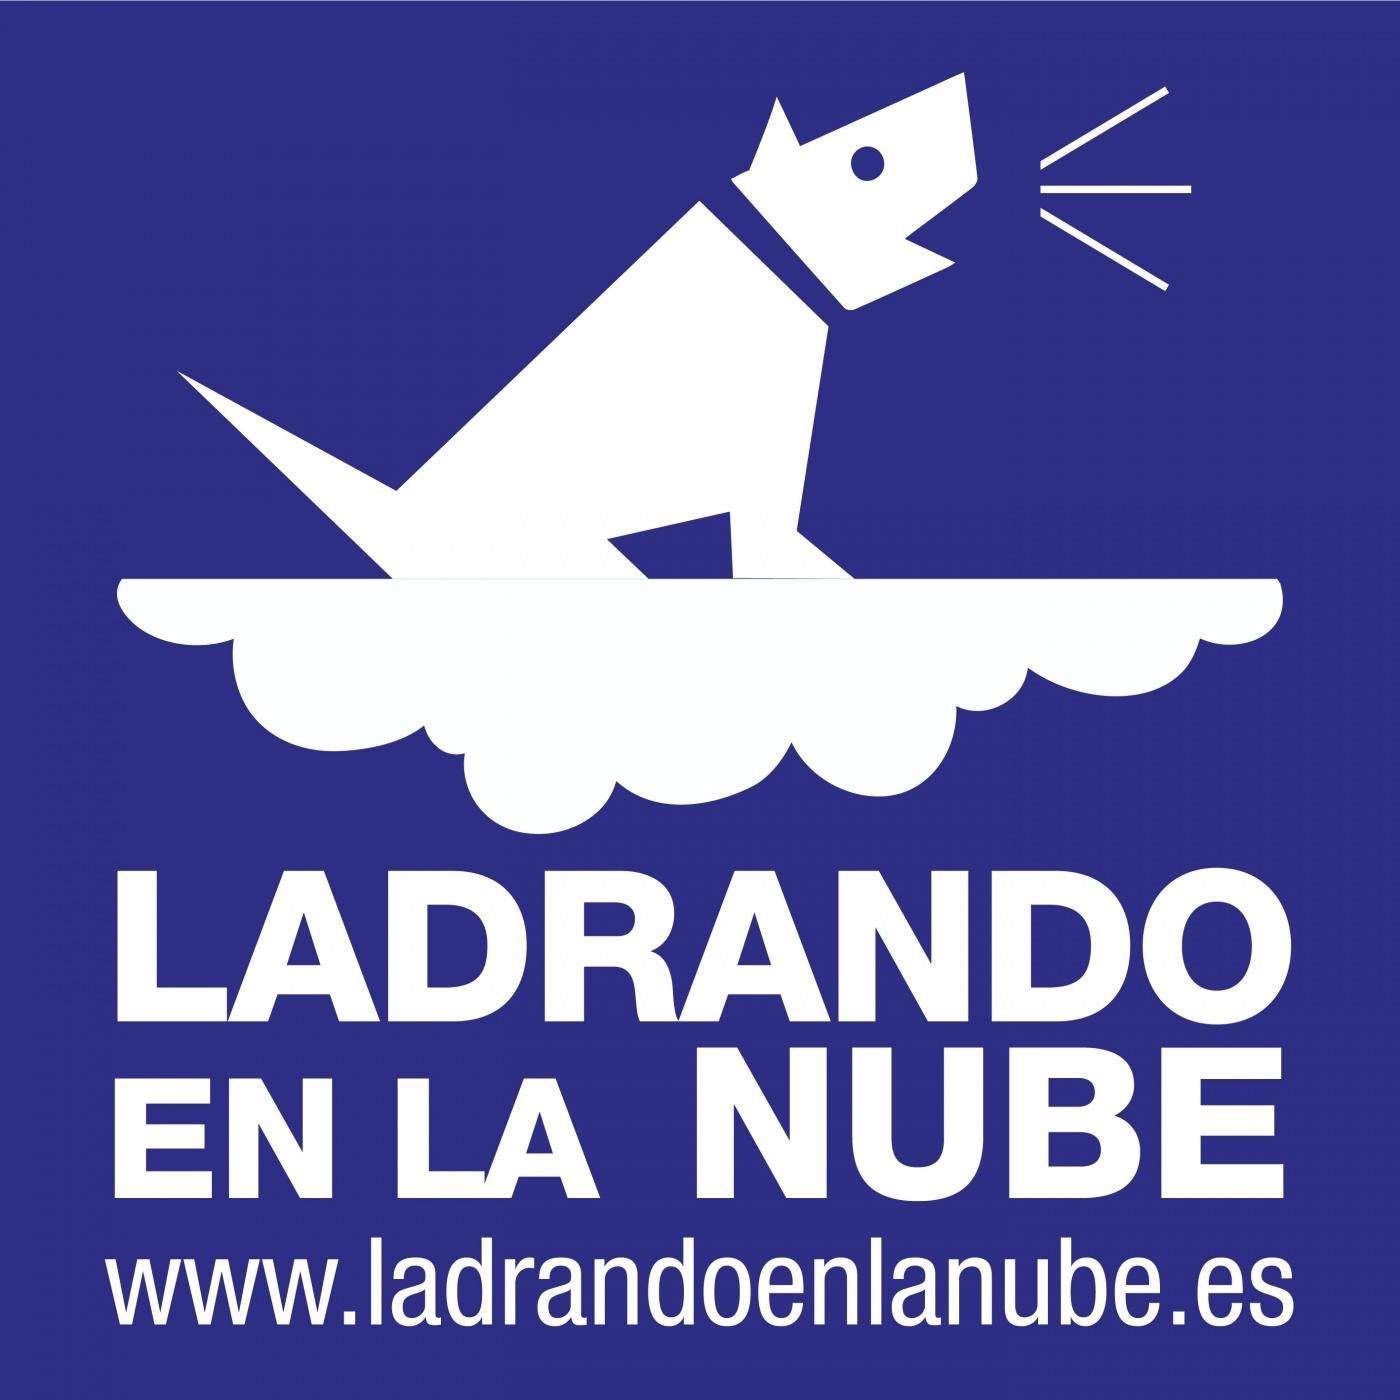 Logo de Ladrando en la nube